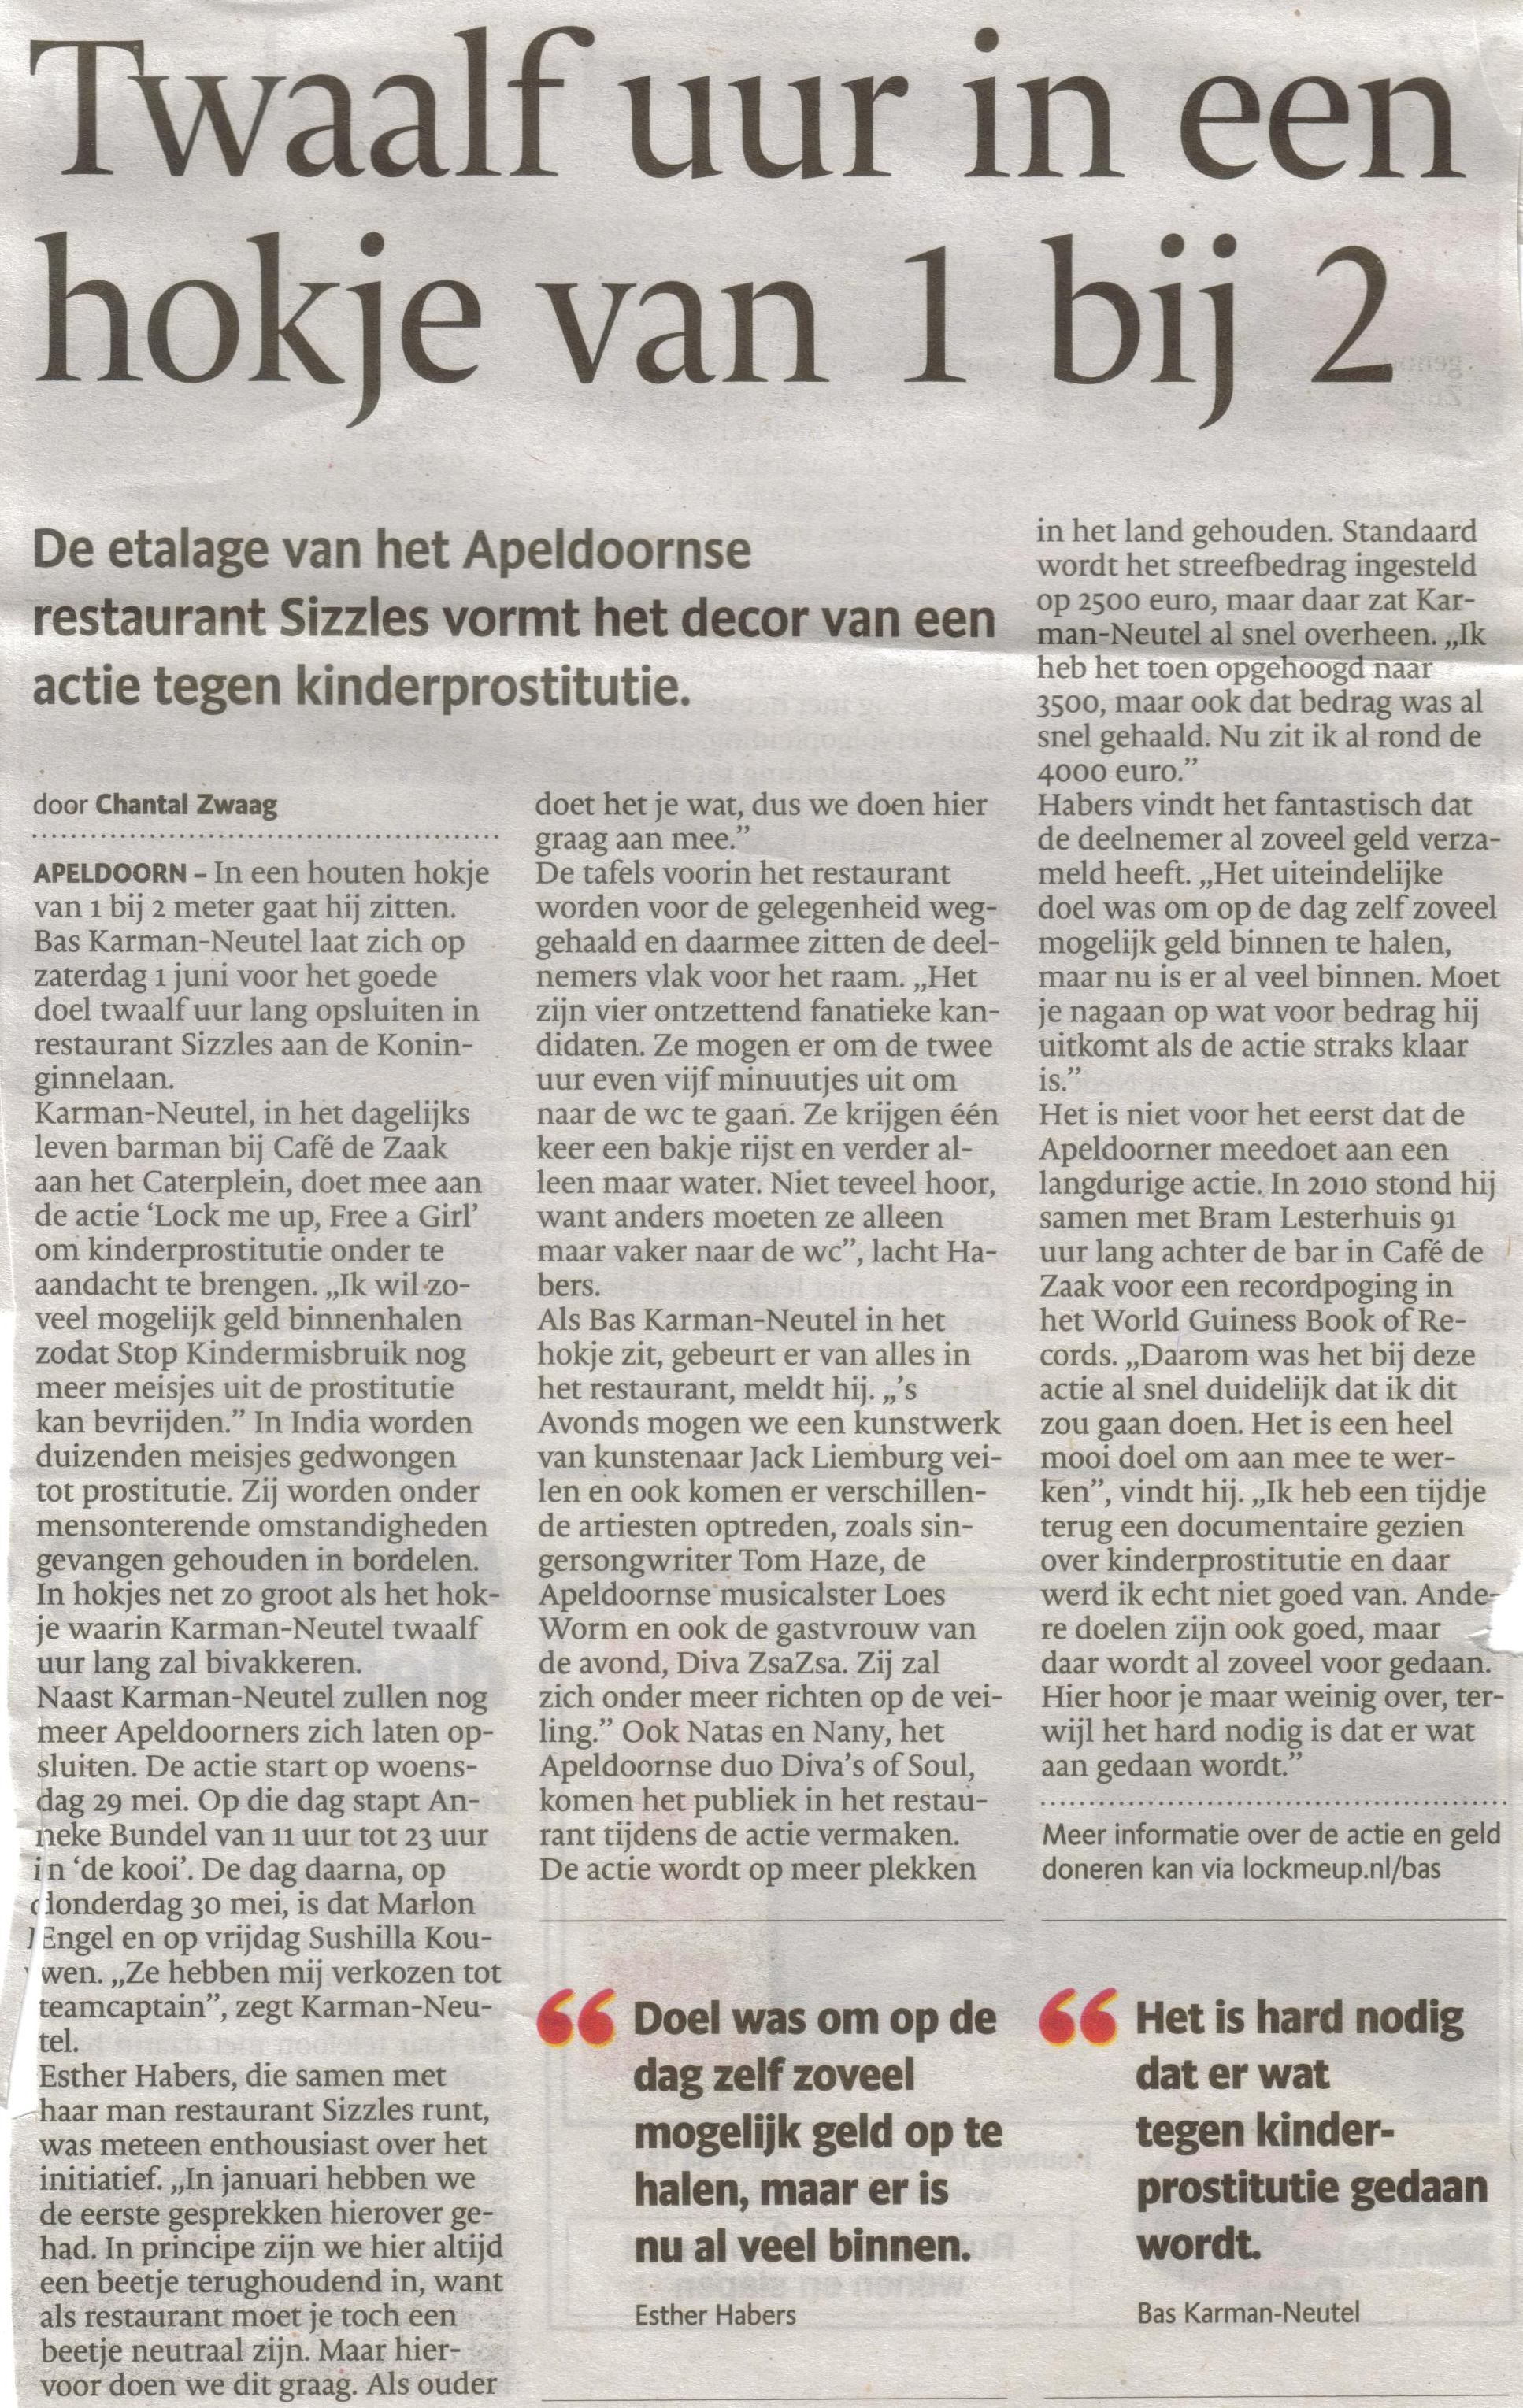 13- bas karman sluit zich op tegen kinderprostitutie- bijzondere productie-publicatiedatum 23 mei 2013